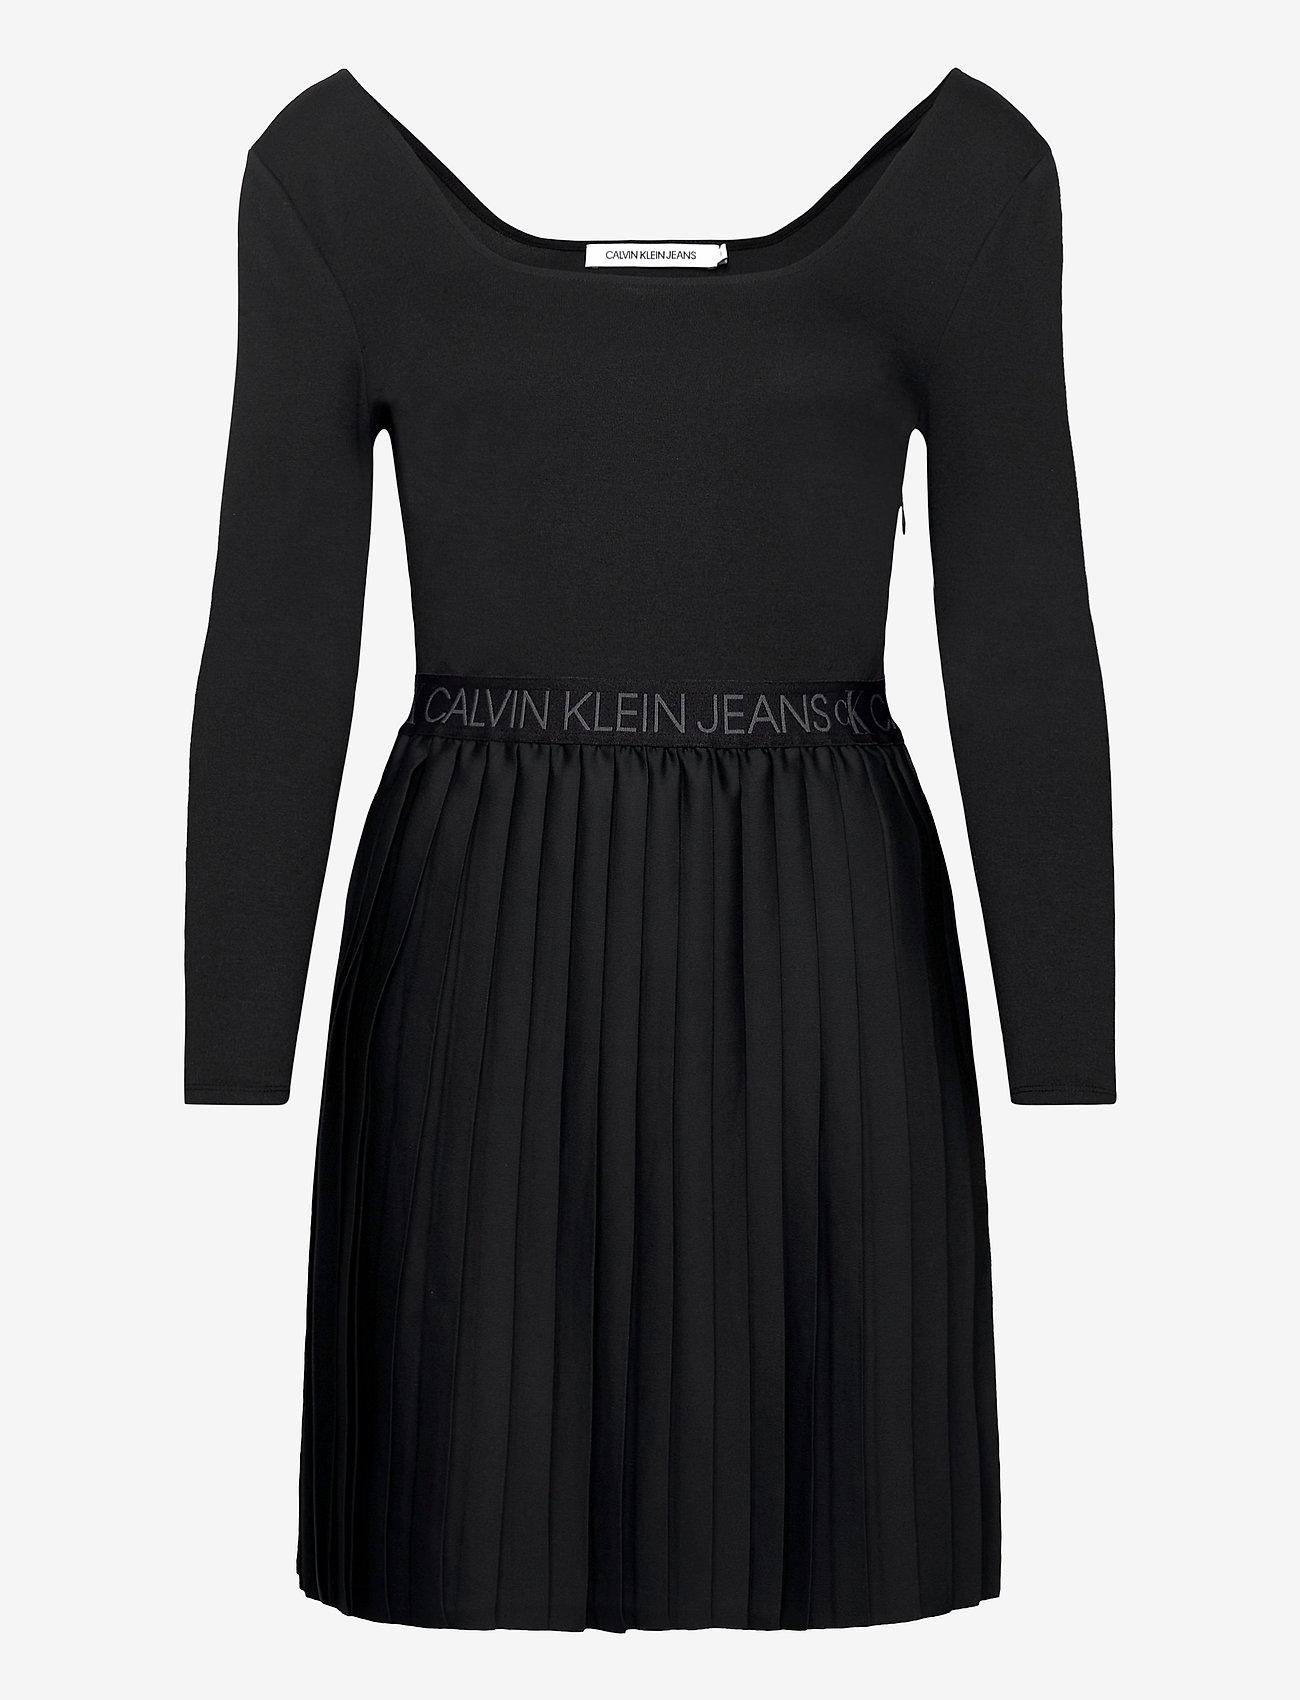 Calvin Klein Jeans - LOGO WAISTBAND PLEATED DRESS - hverdagskjoler - ck black - 0